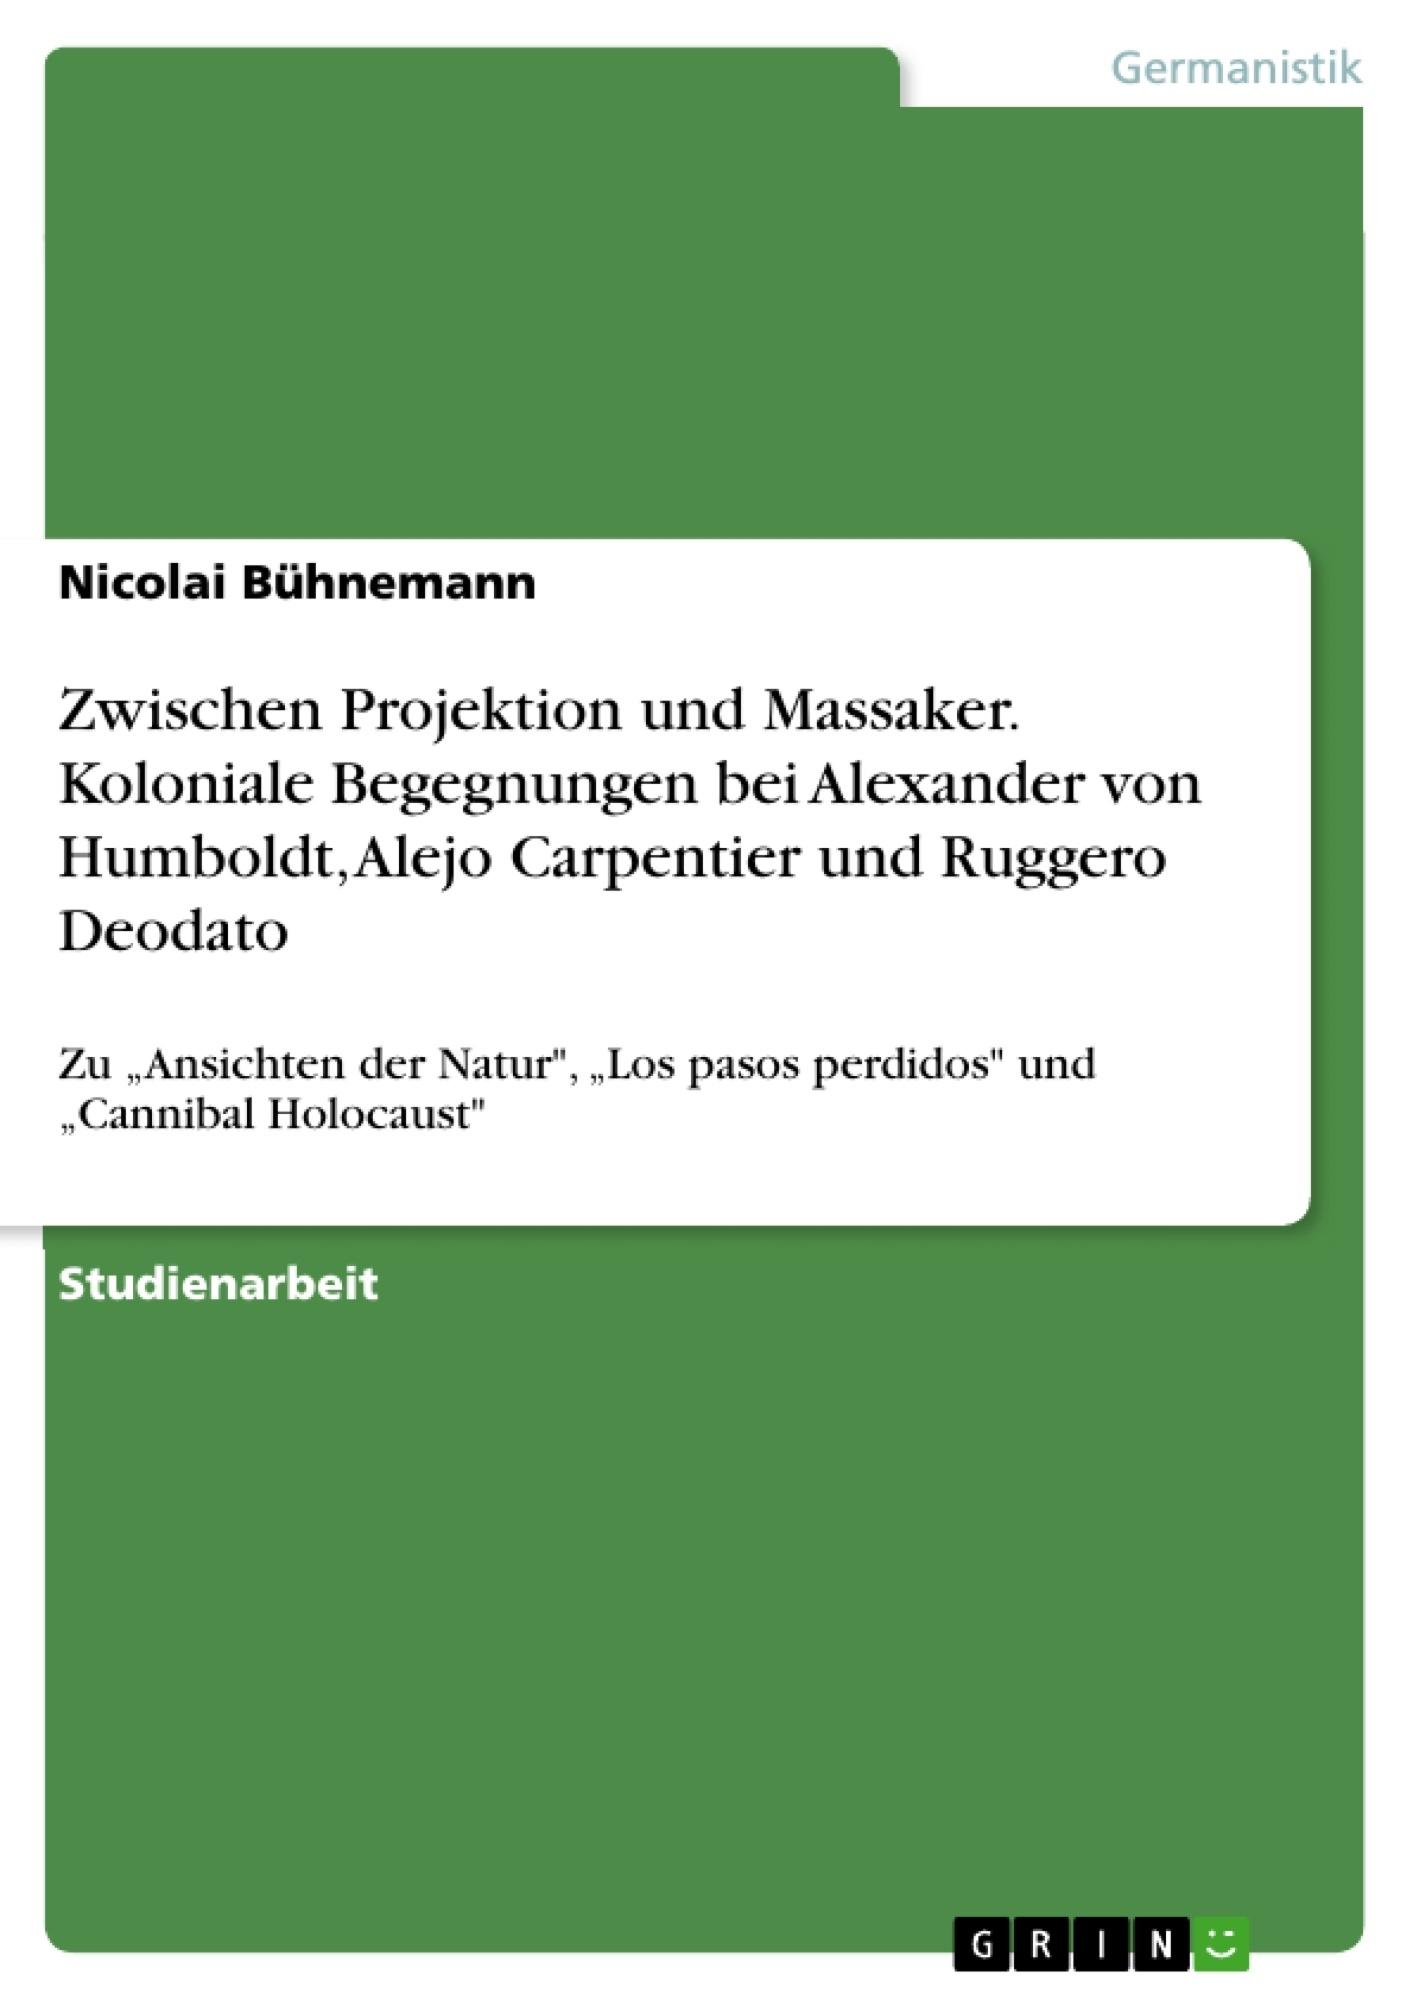 Titel: Zwischen Projektion und Massaker. Koloniale Begegnungen bei Alexander von Humboldt, Alejo Carpentier und Ruggero Deodato